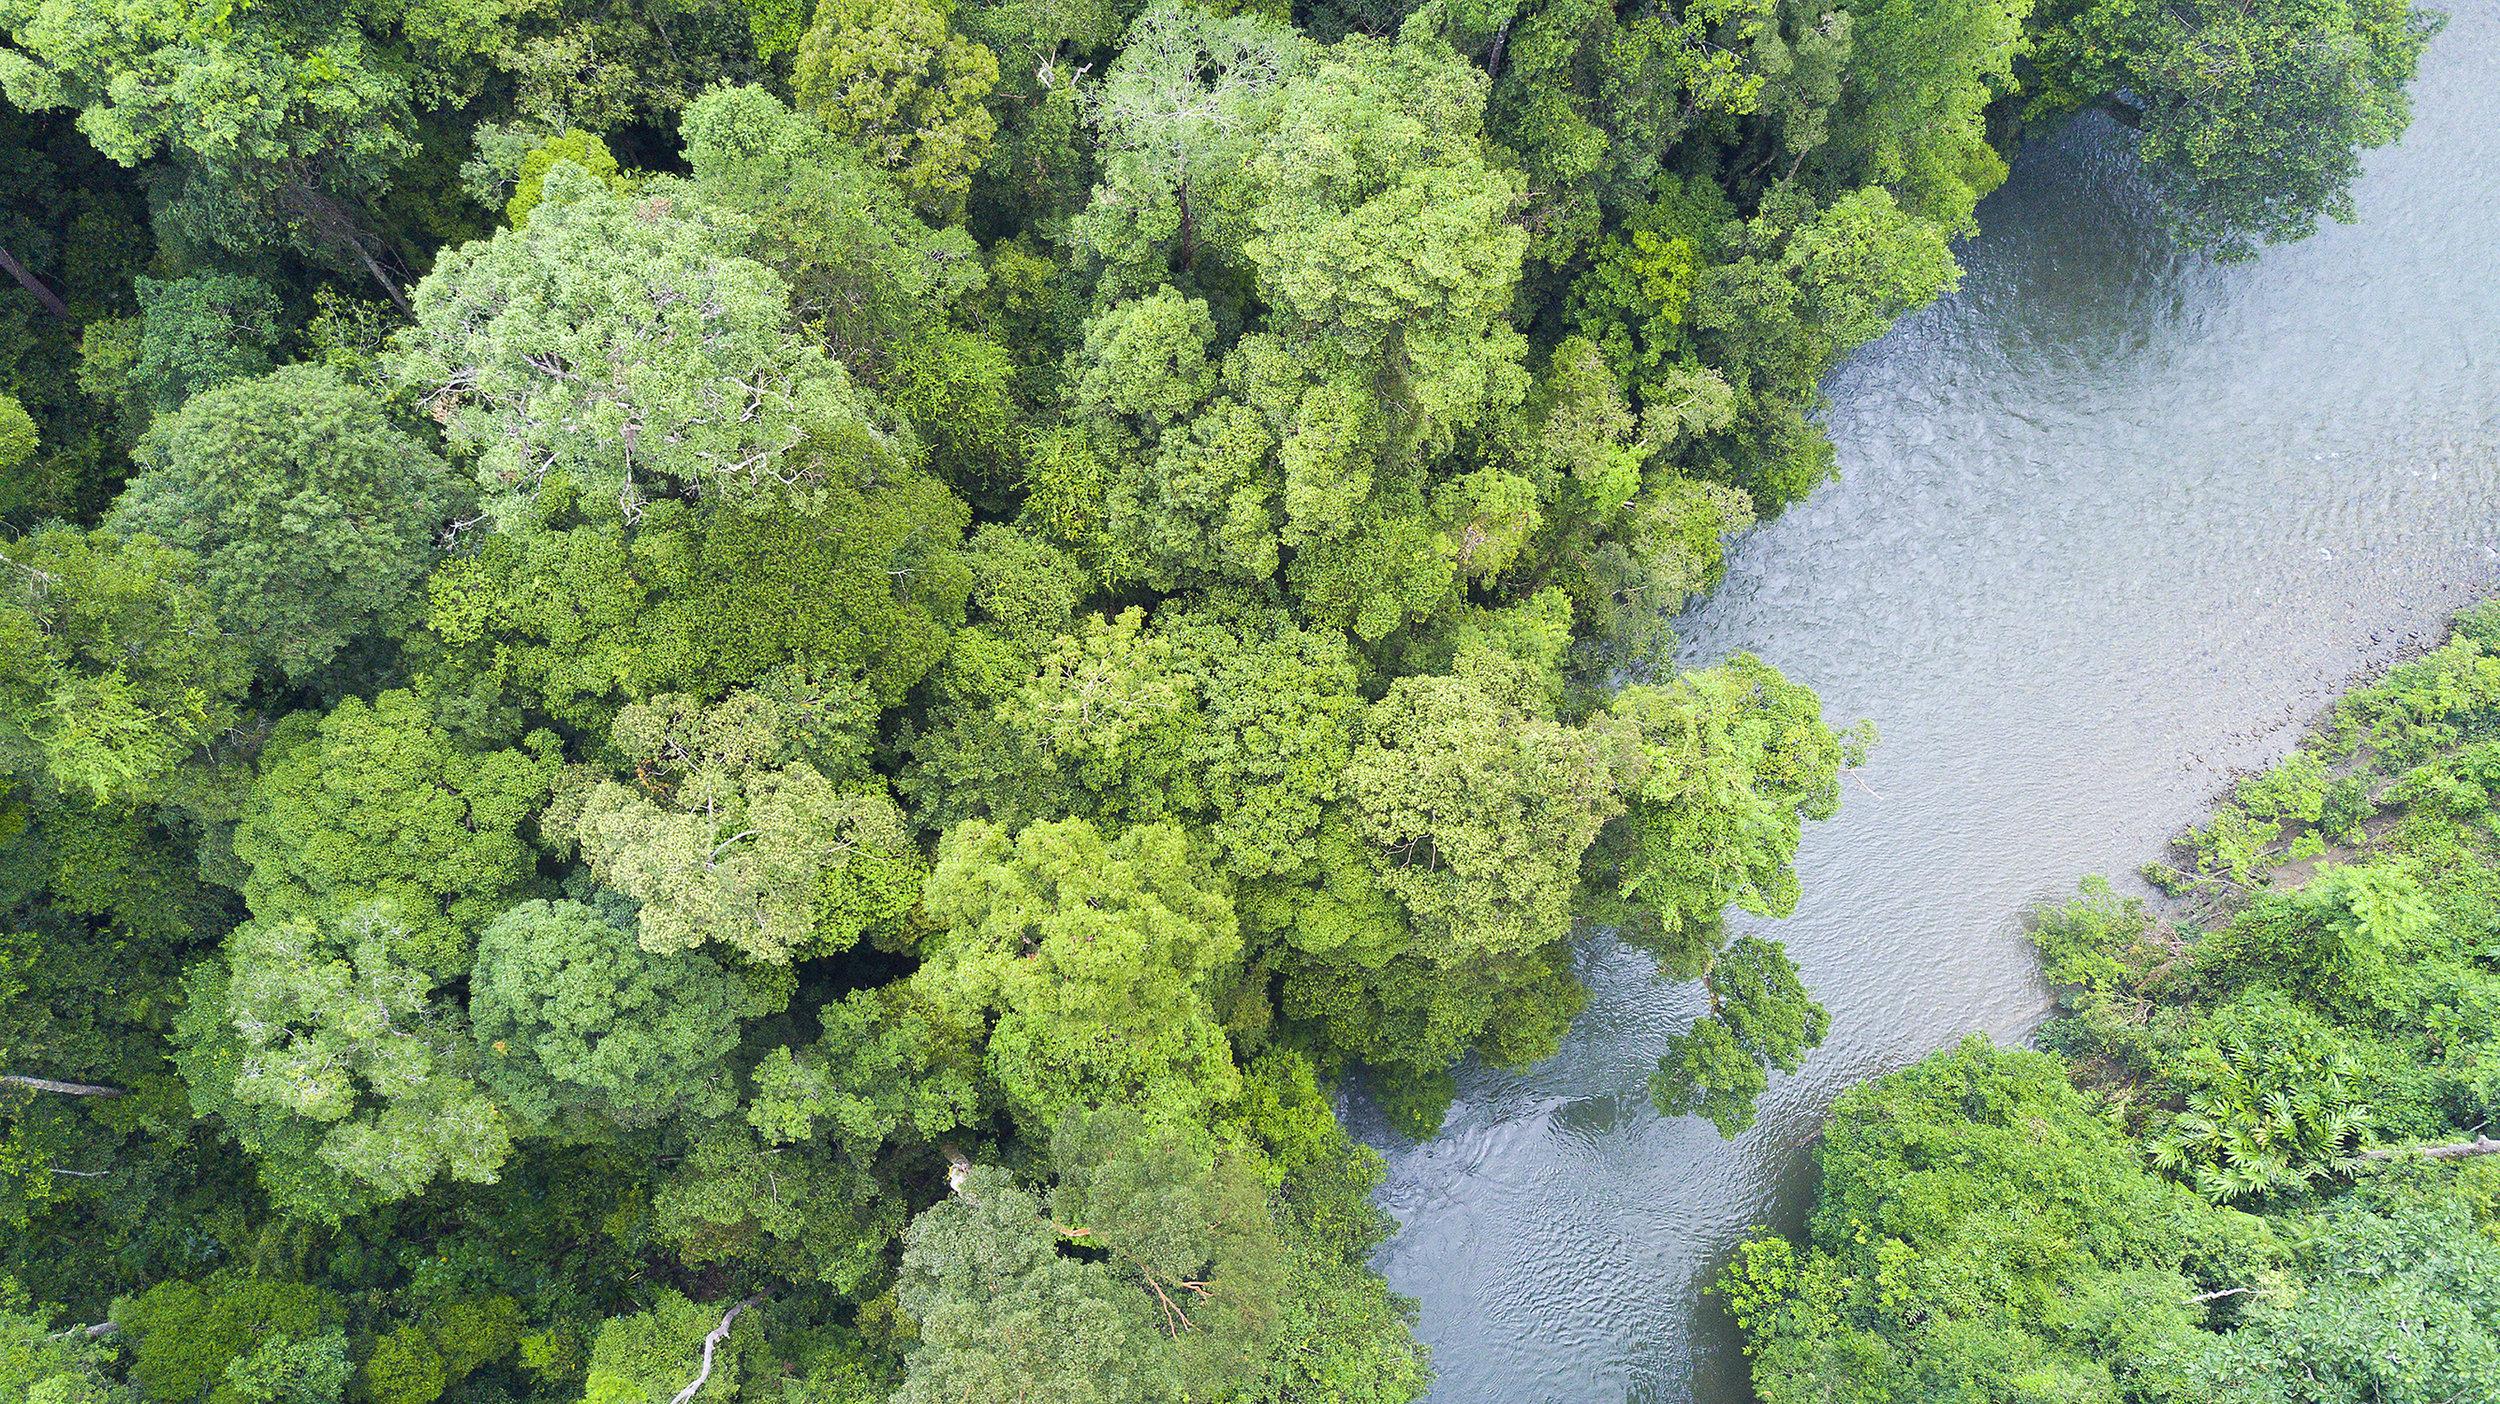 Brunei, Ulu Ulu National Park, sademetsä, kansallispuisto